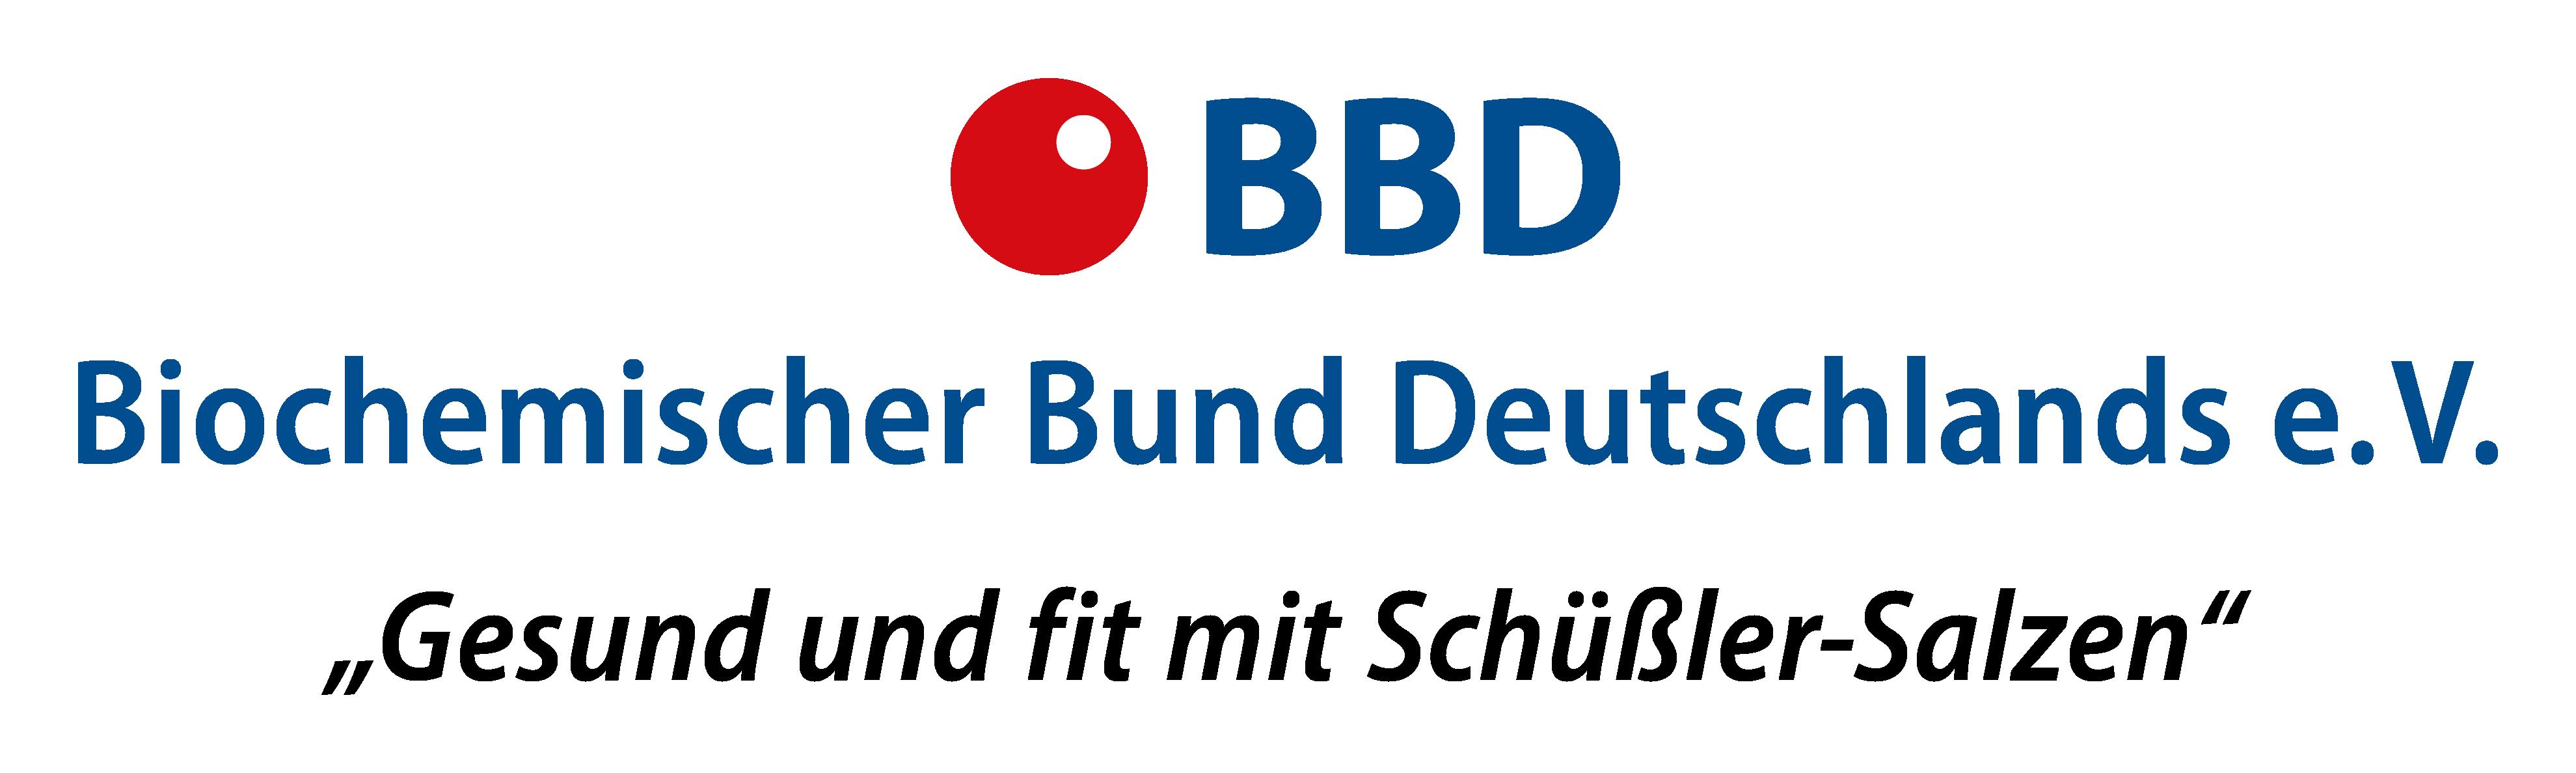 Biochemischer Bund Deutschlands e.V.